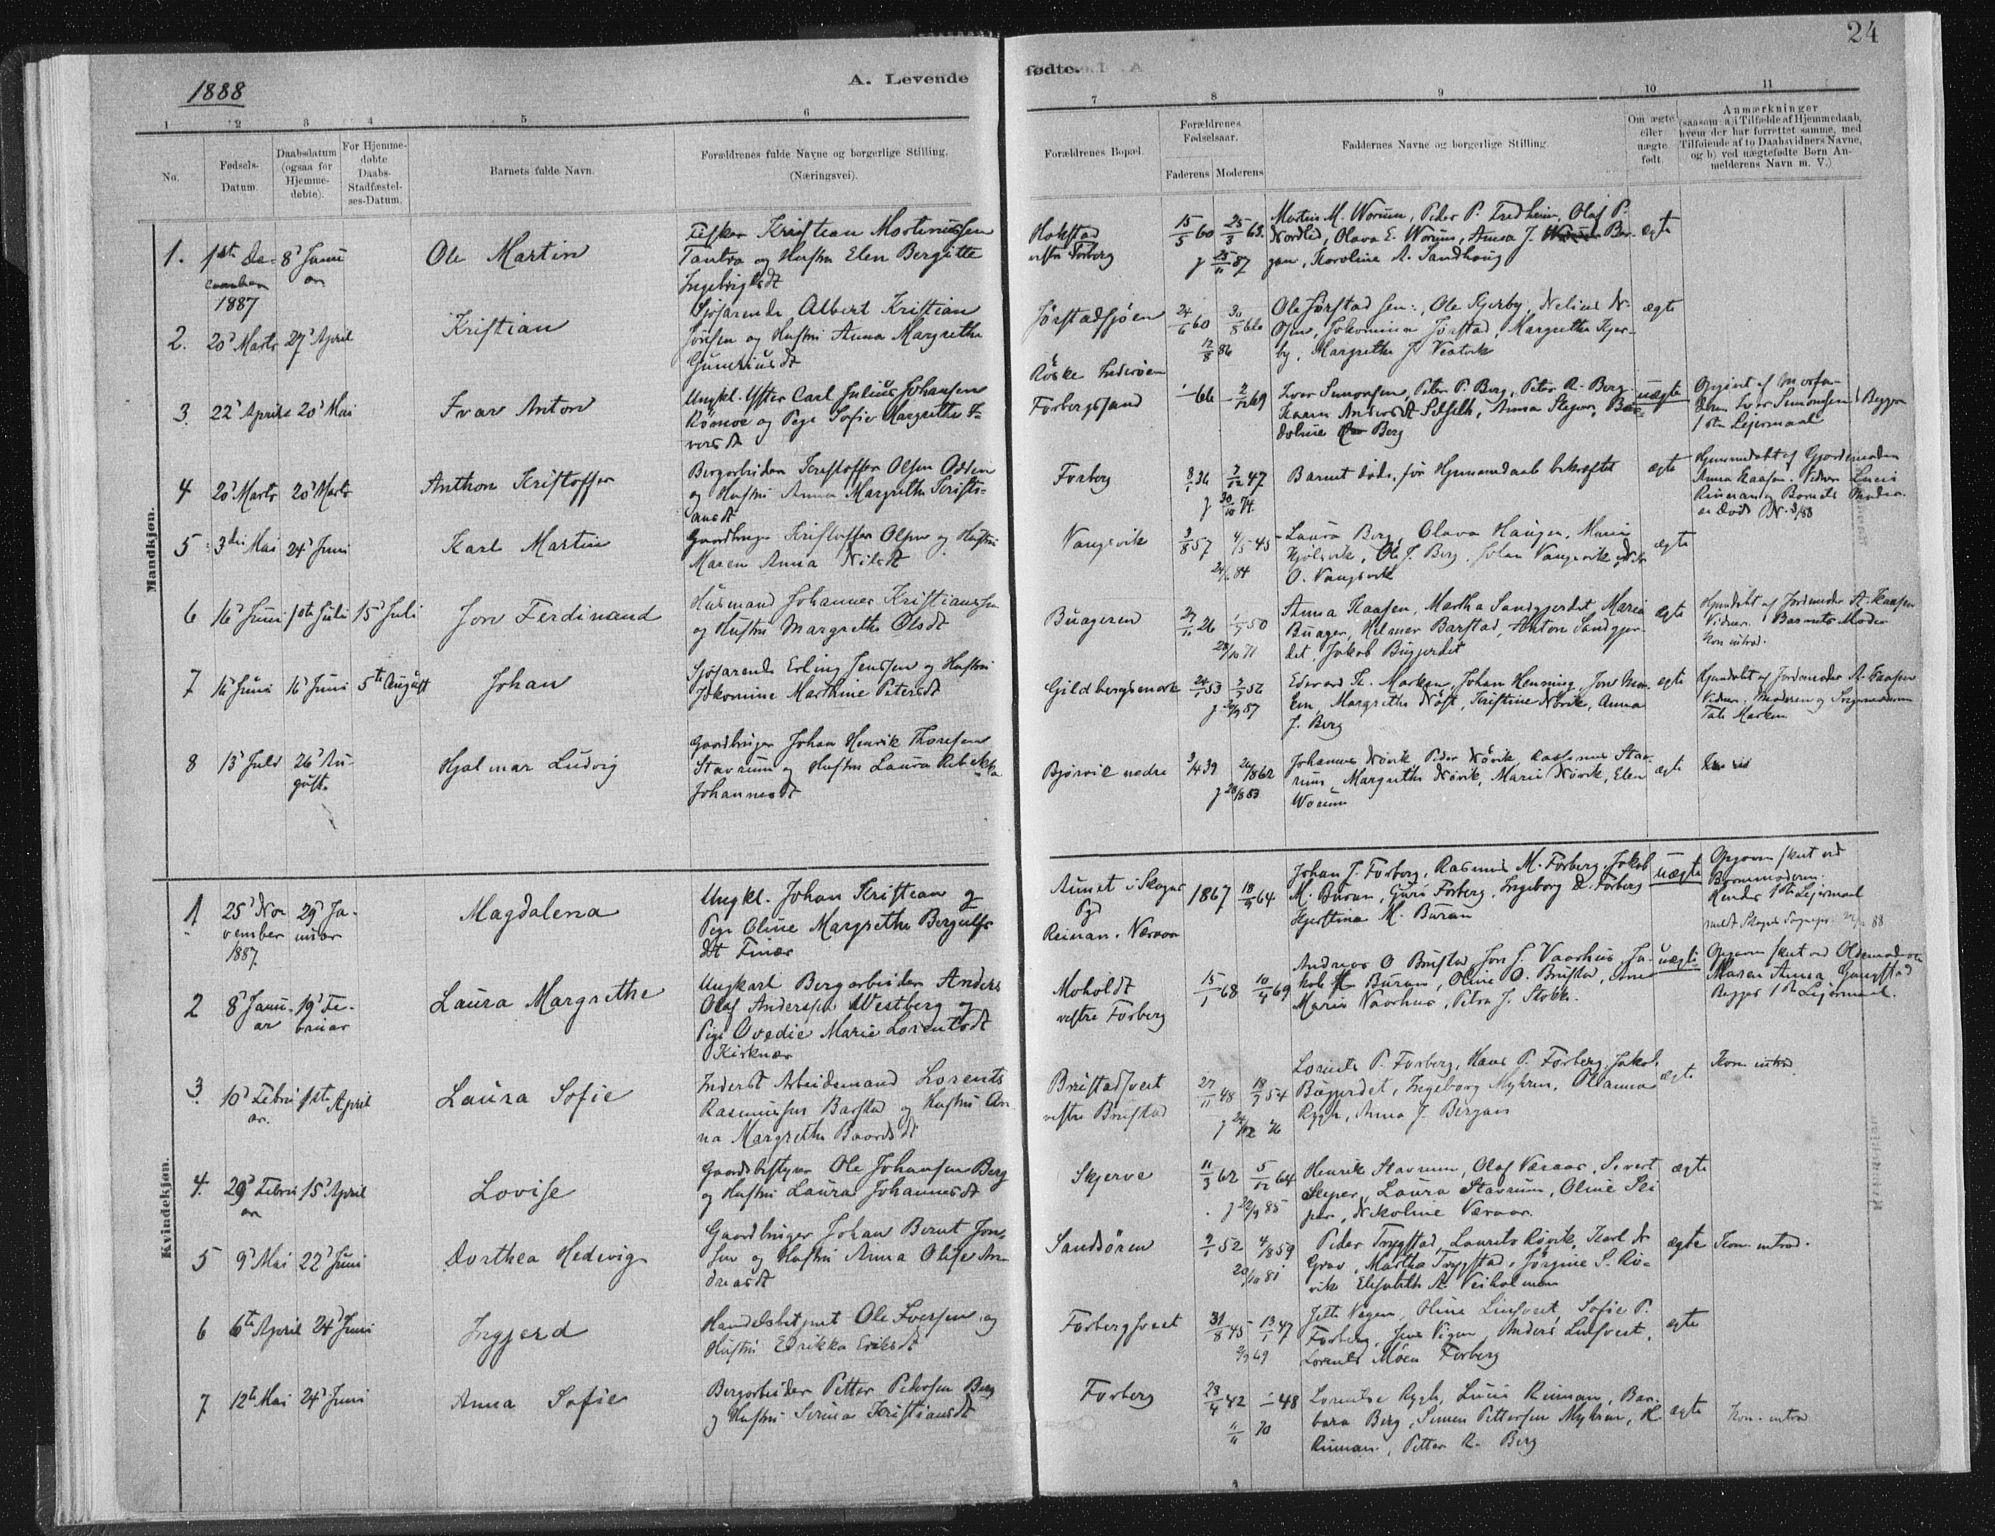 SAT, Ministerialprotokoller, klokkerbøker og fødselsregistre - Nord-Trøndelag, 722/L0220: Ministerialbok nr. 722A07, 1881-1908, s. 24